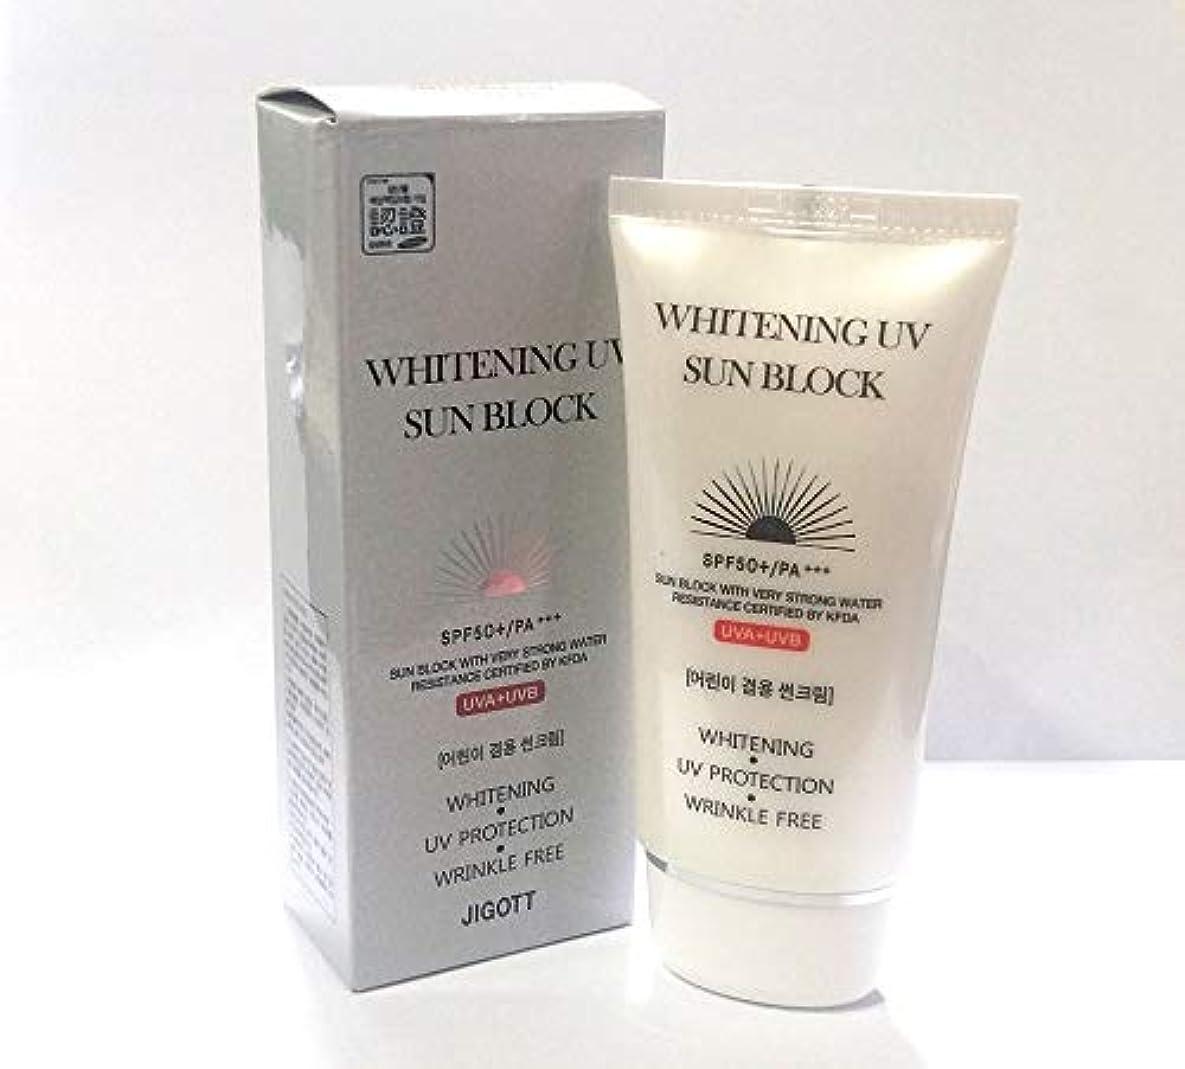 ラブ引退するカヌー[JIGOTT] ホワイトニングUVプロテクトサンブロッククリームSPF50 + PA +++ / Whitening UV Protection Sun Block Cream SPF50+ PA +++ / 韓国化粧品...